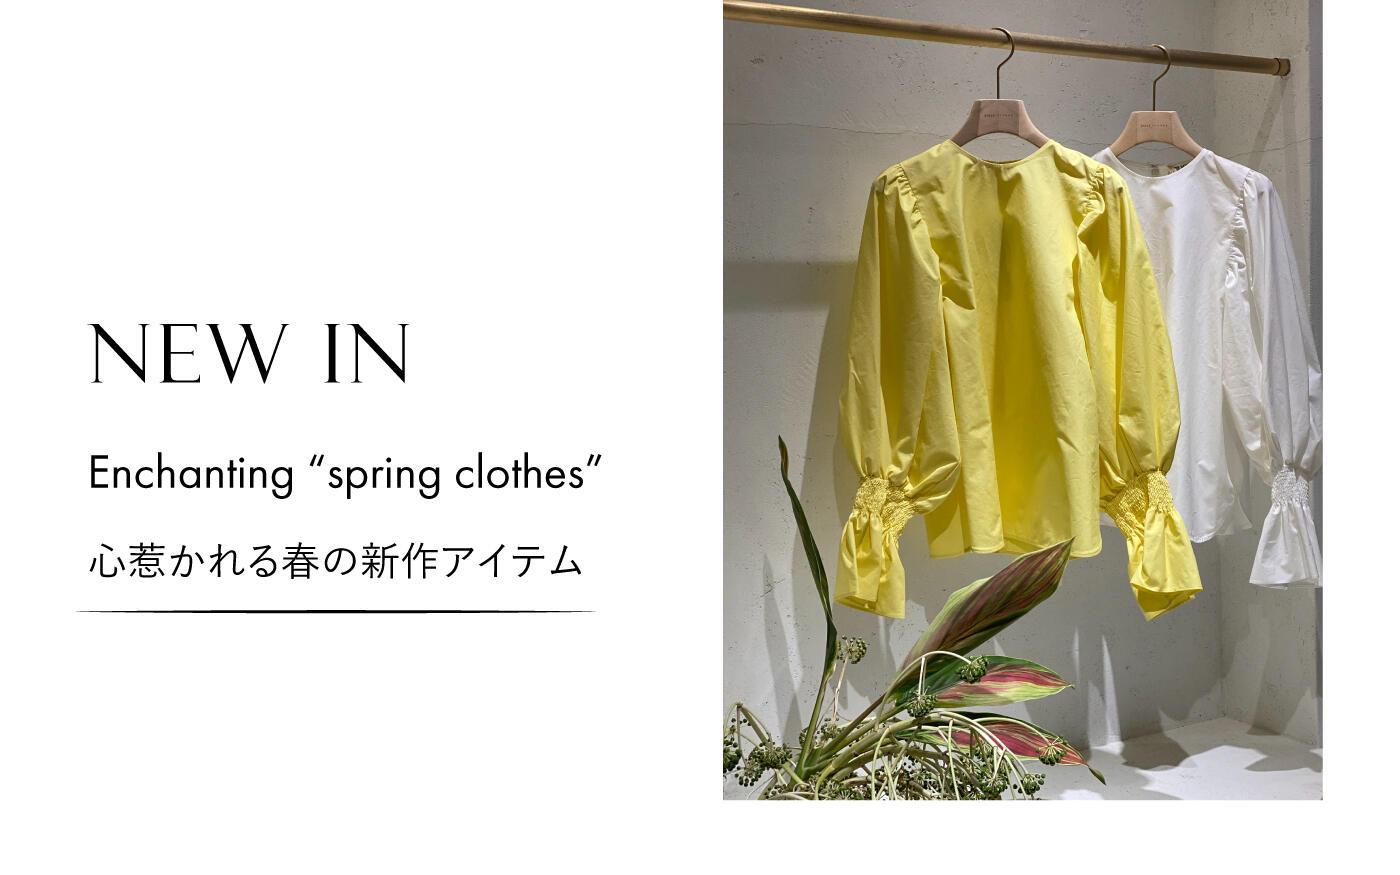 Enchanting 'spring clothes' 心惹かれる春の新作アイテム